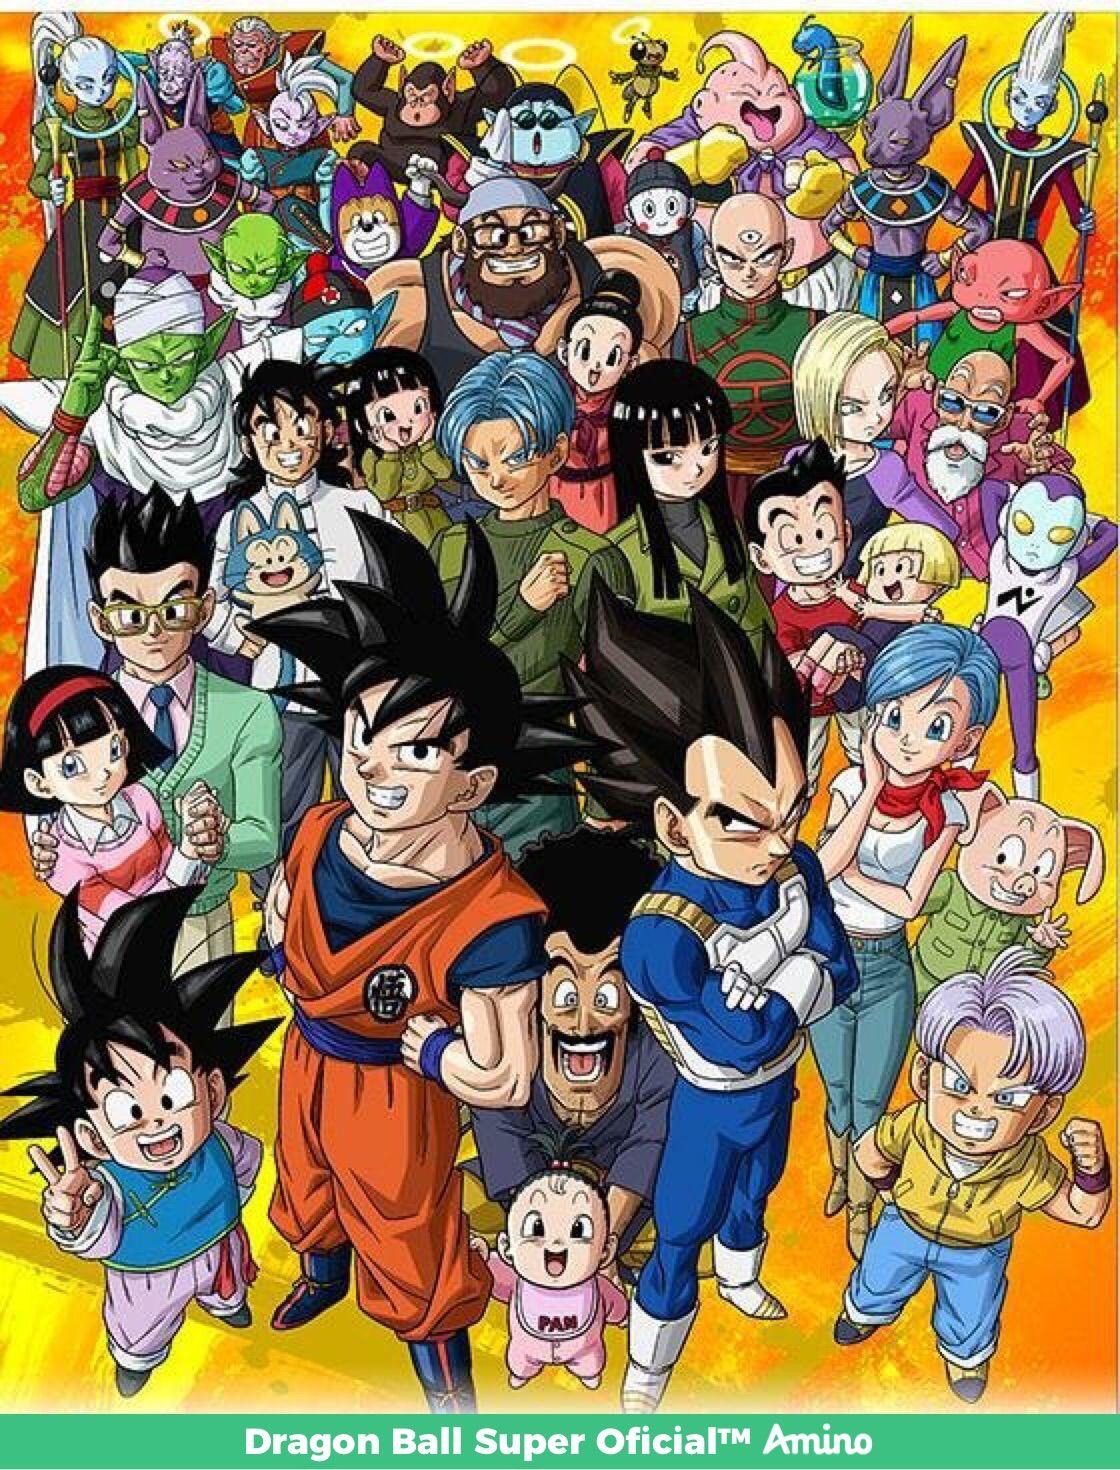 Dragon Ball GT vs Dragon Ball Super | Dragon Ball Super Oficial™ㅤ Amino